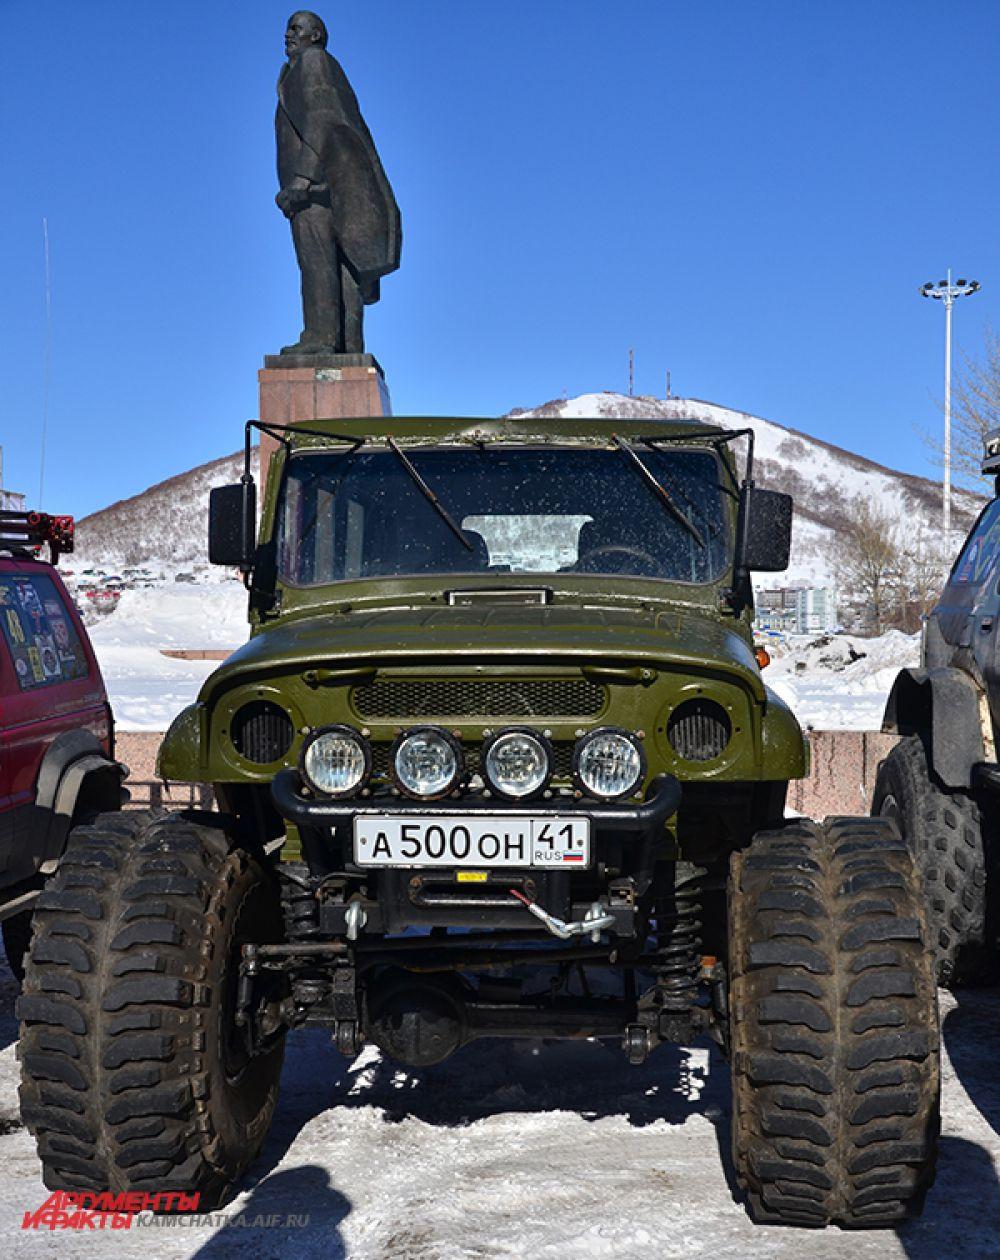 Российский «УАЗ» - достойный конкурент джипам.